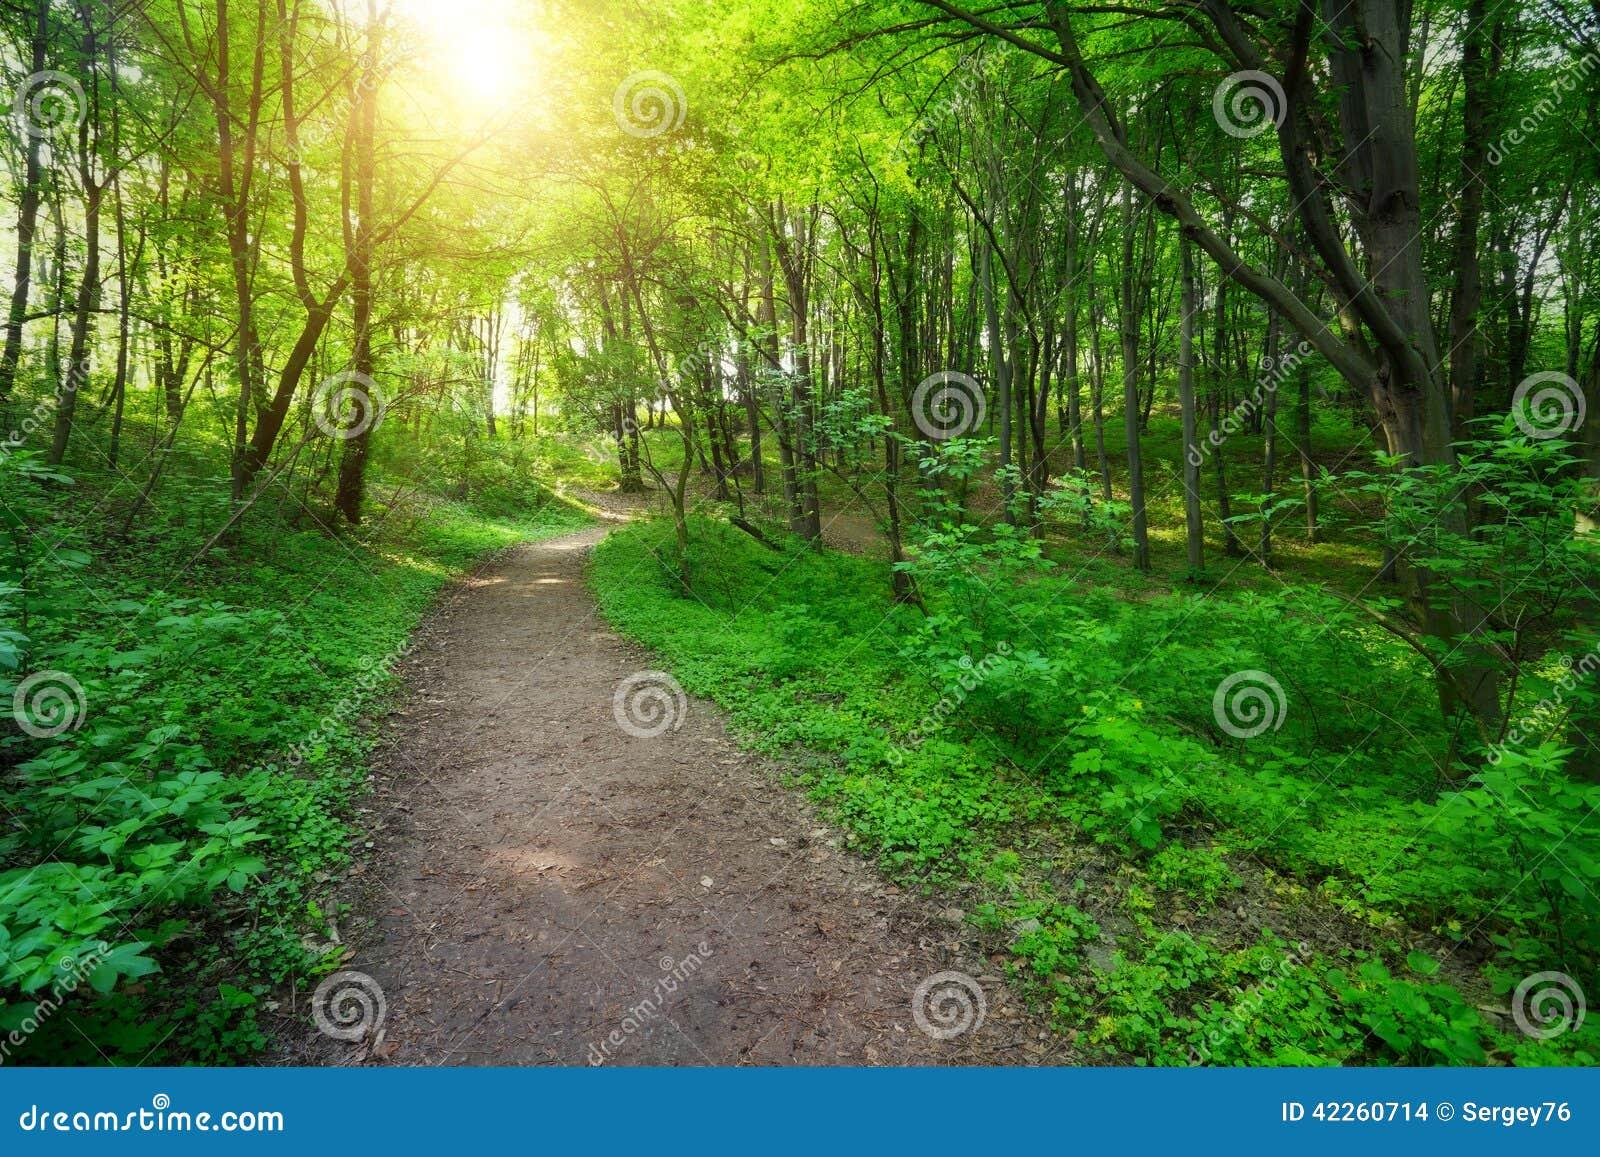 Forêt verte avec la voie et la lumière du soleil